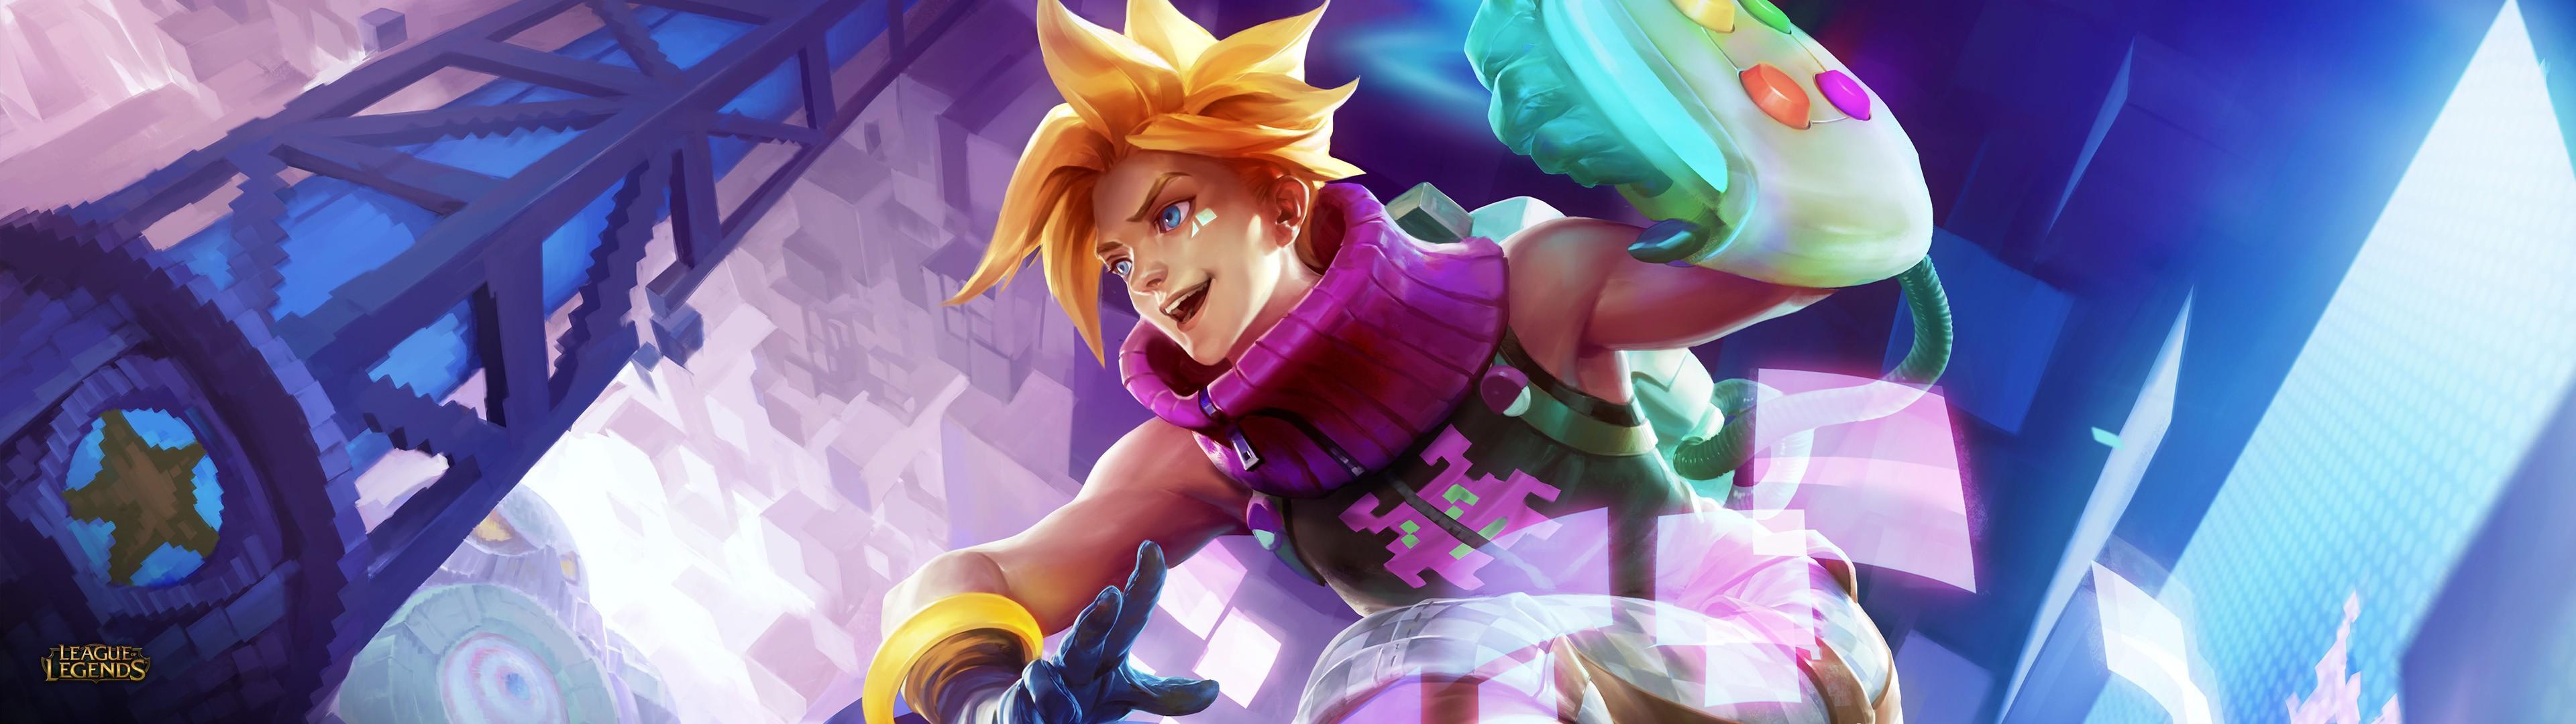 Wallpaper Anime League Of Legends Arcade Skins Screenshot